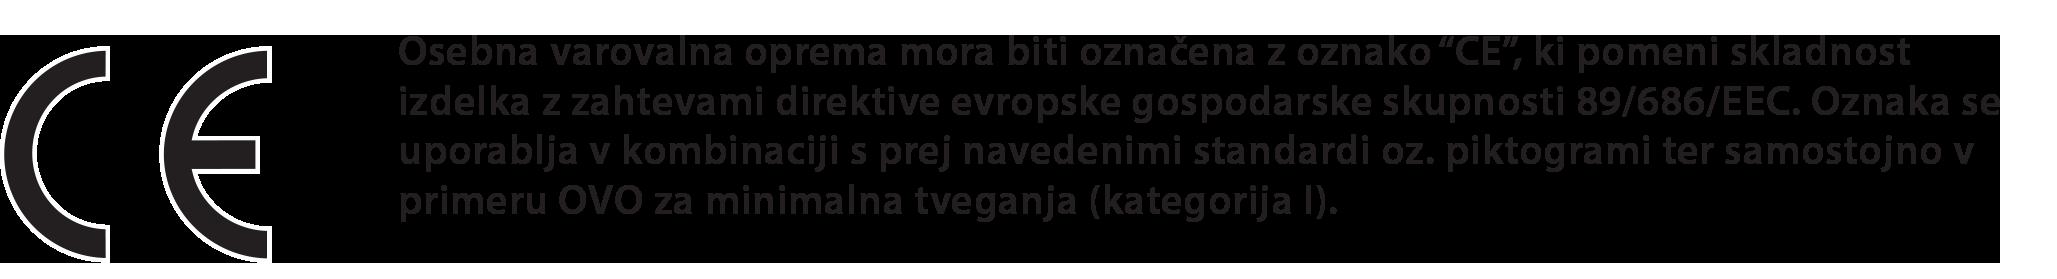 glovves_CE